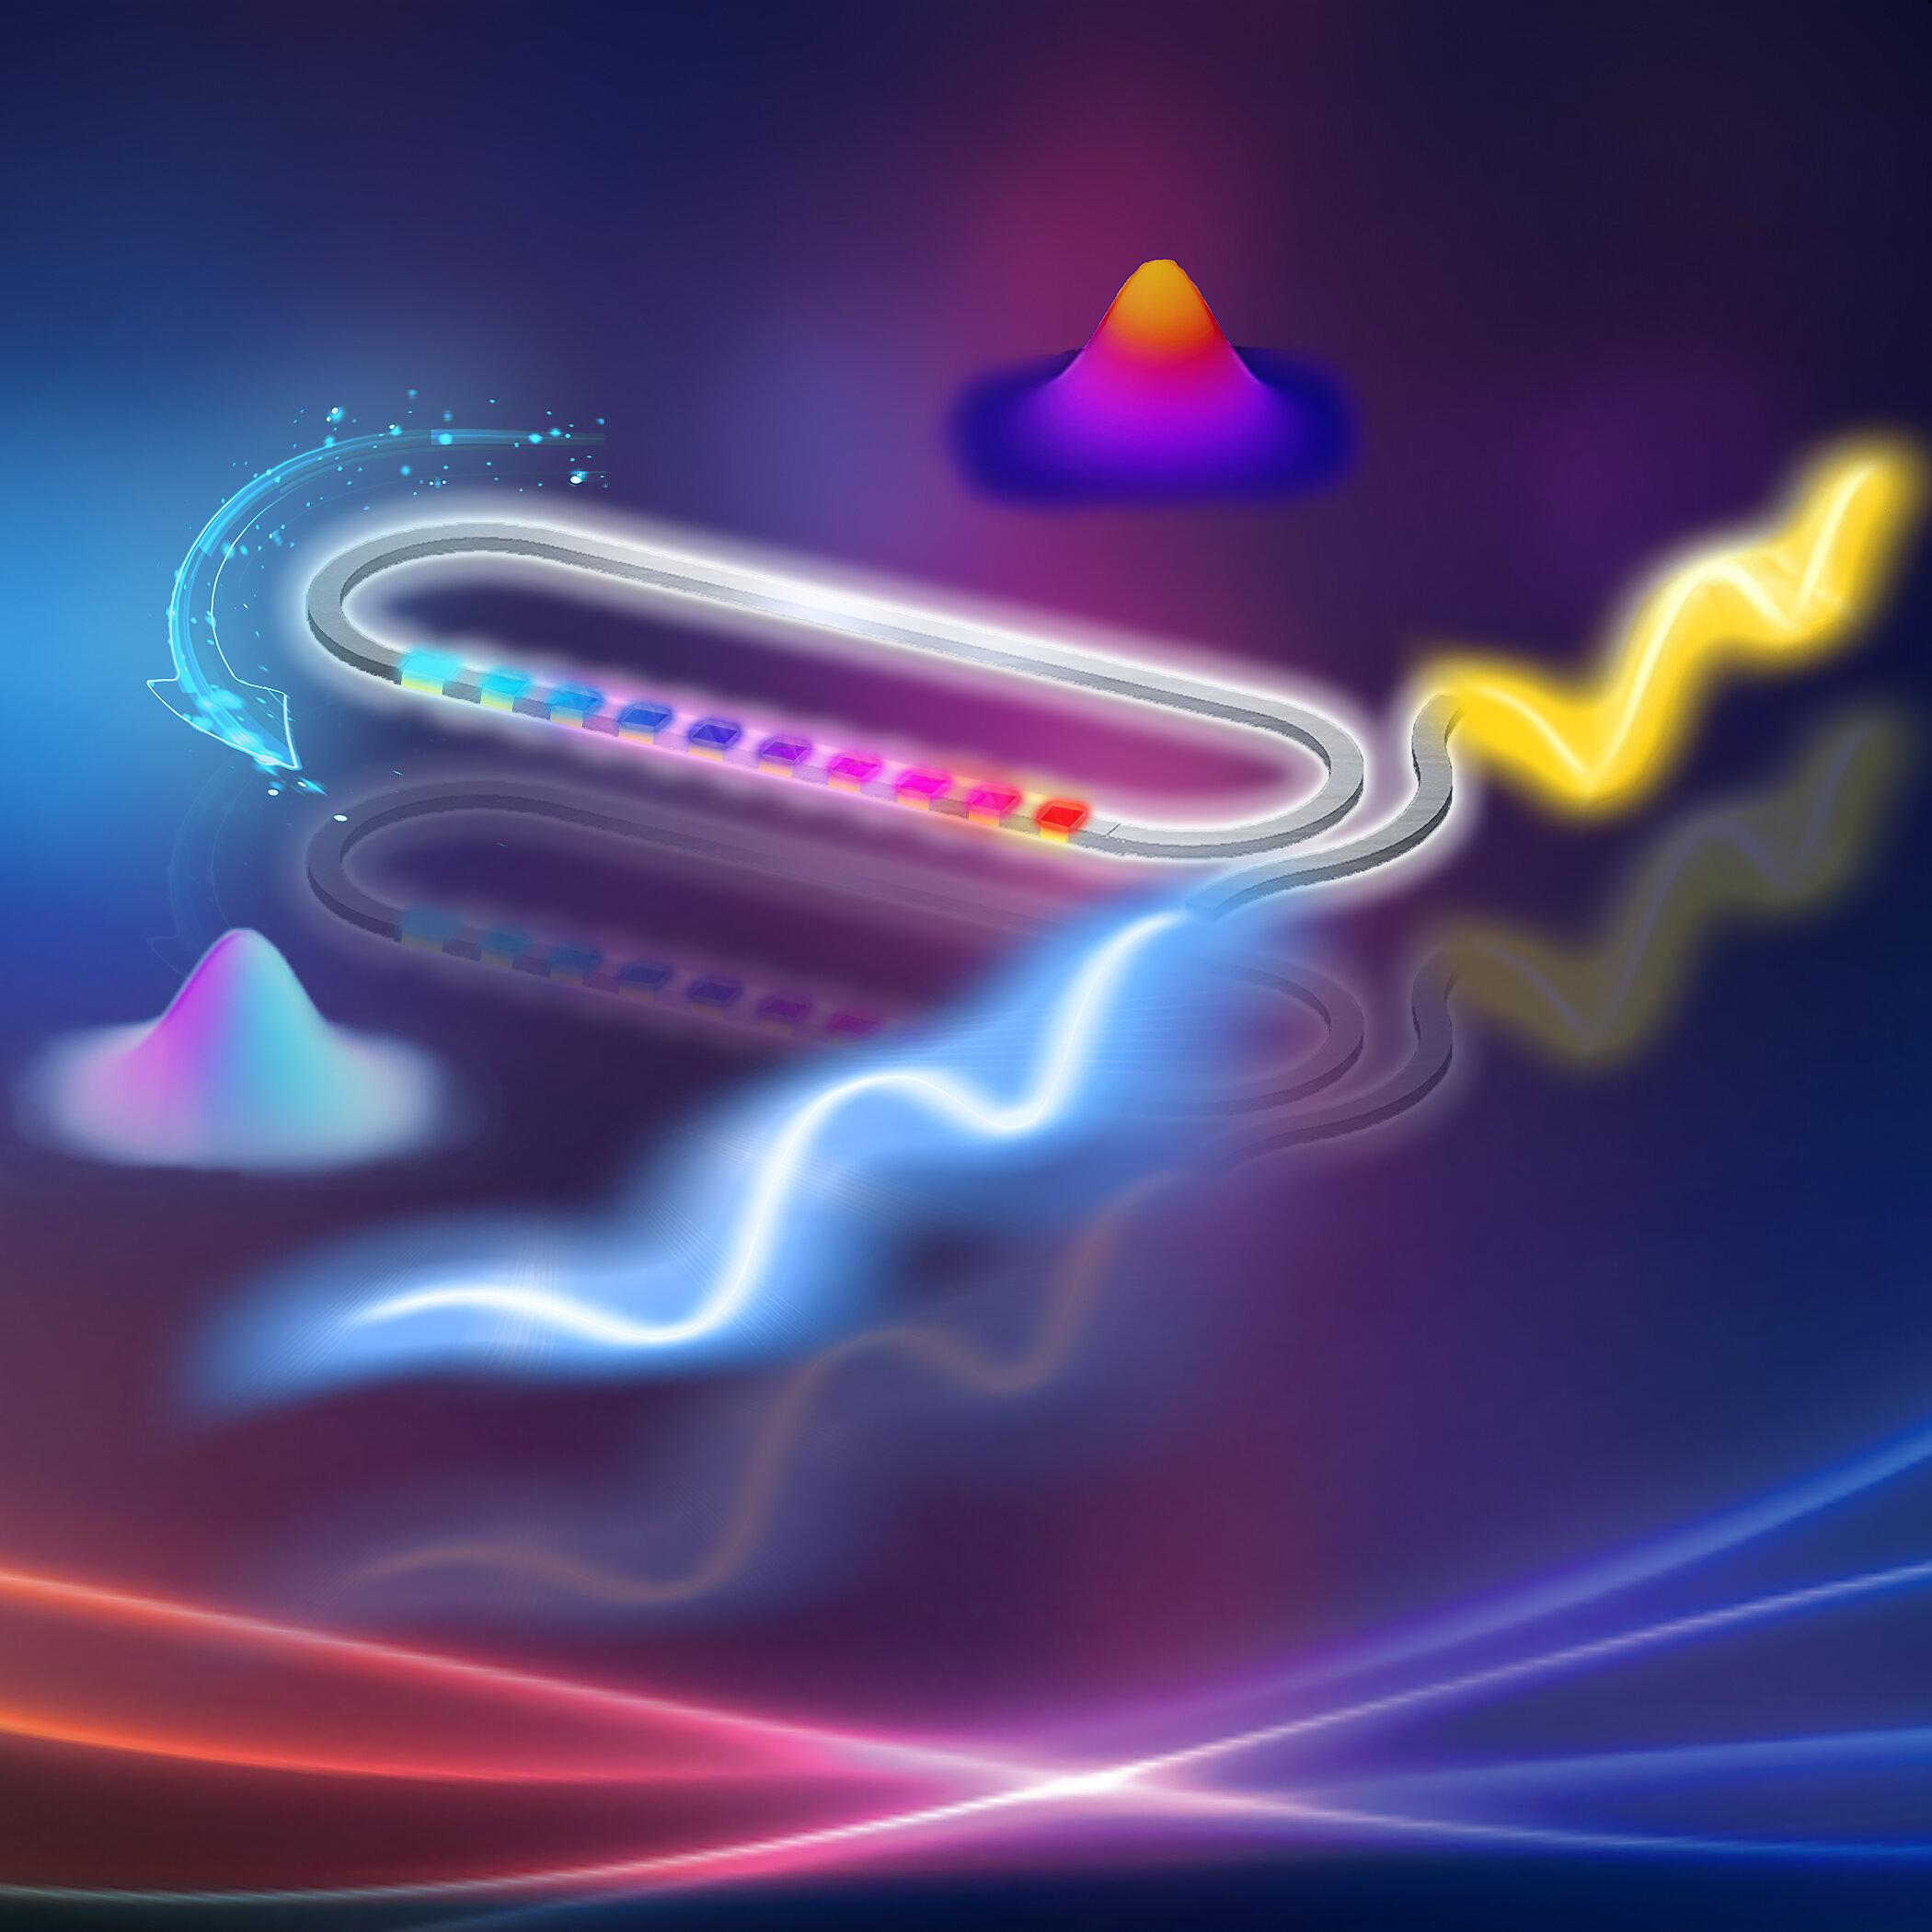 العلماء يبتكرون طريقة جديدة لجعل الكيوبتات تعمل في درجة حرارة الغرفة - الحوسبة الكمية - كيوبتات مستقرة تعمل في العيوب الماسية تحت درجة حرارة الغرفة